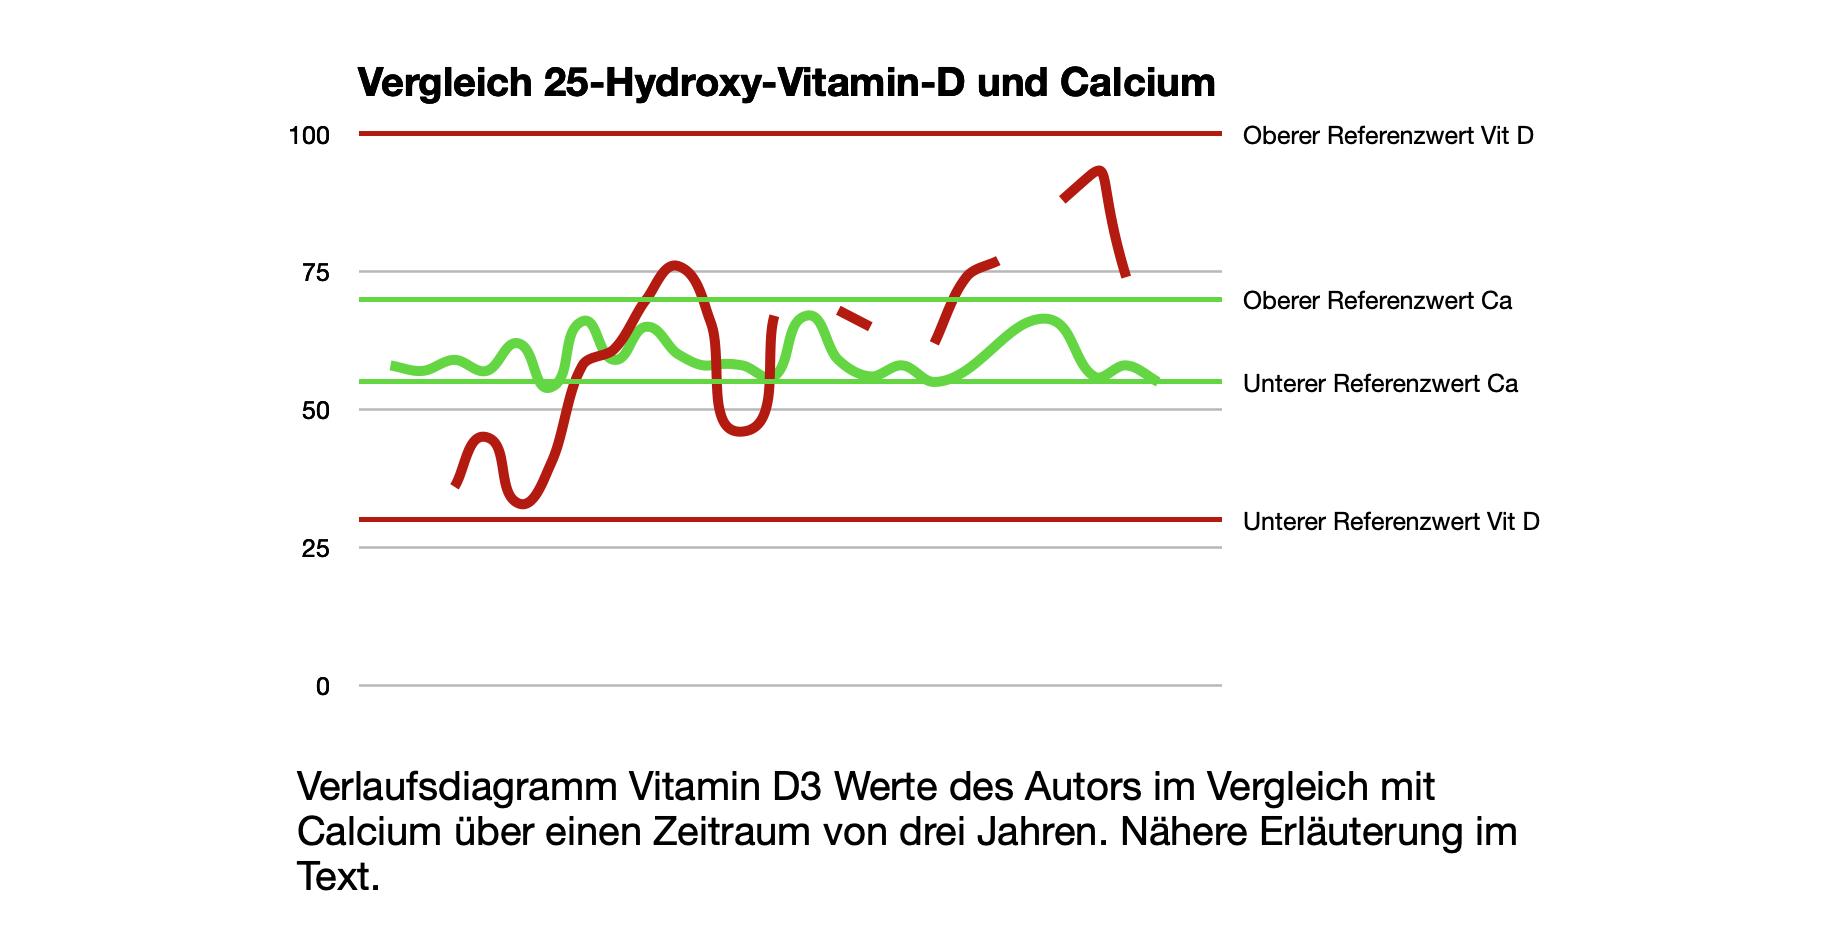 Verlaufsdiagramm Vitamin D3 Werte des Autors im Vergleich mit Calcium über einen Zeitraum von drei Jahren.